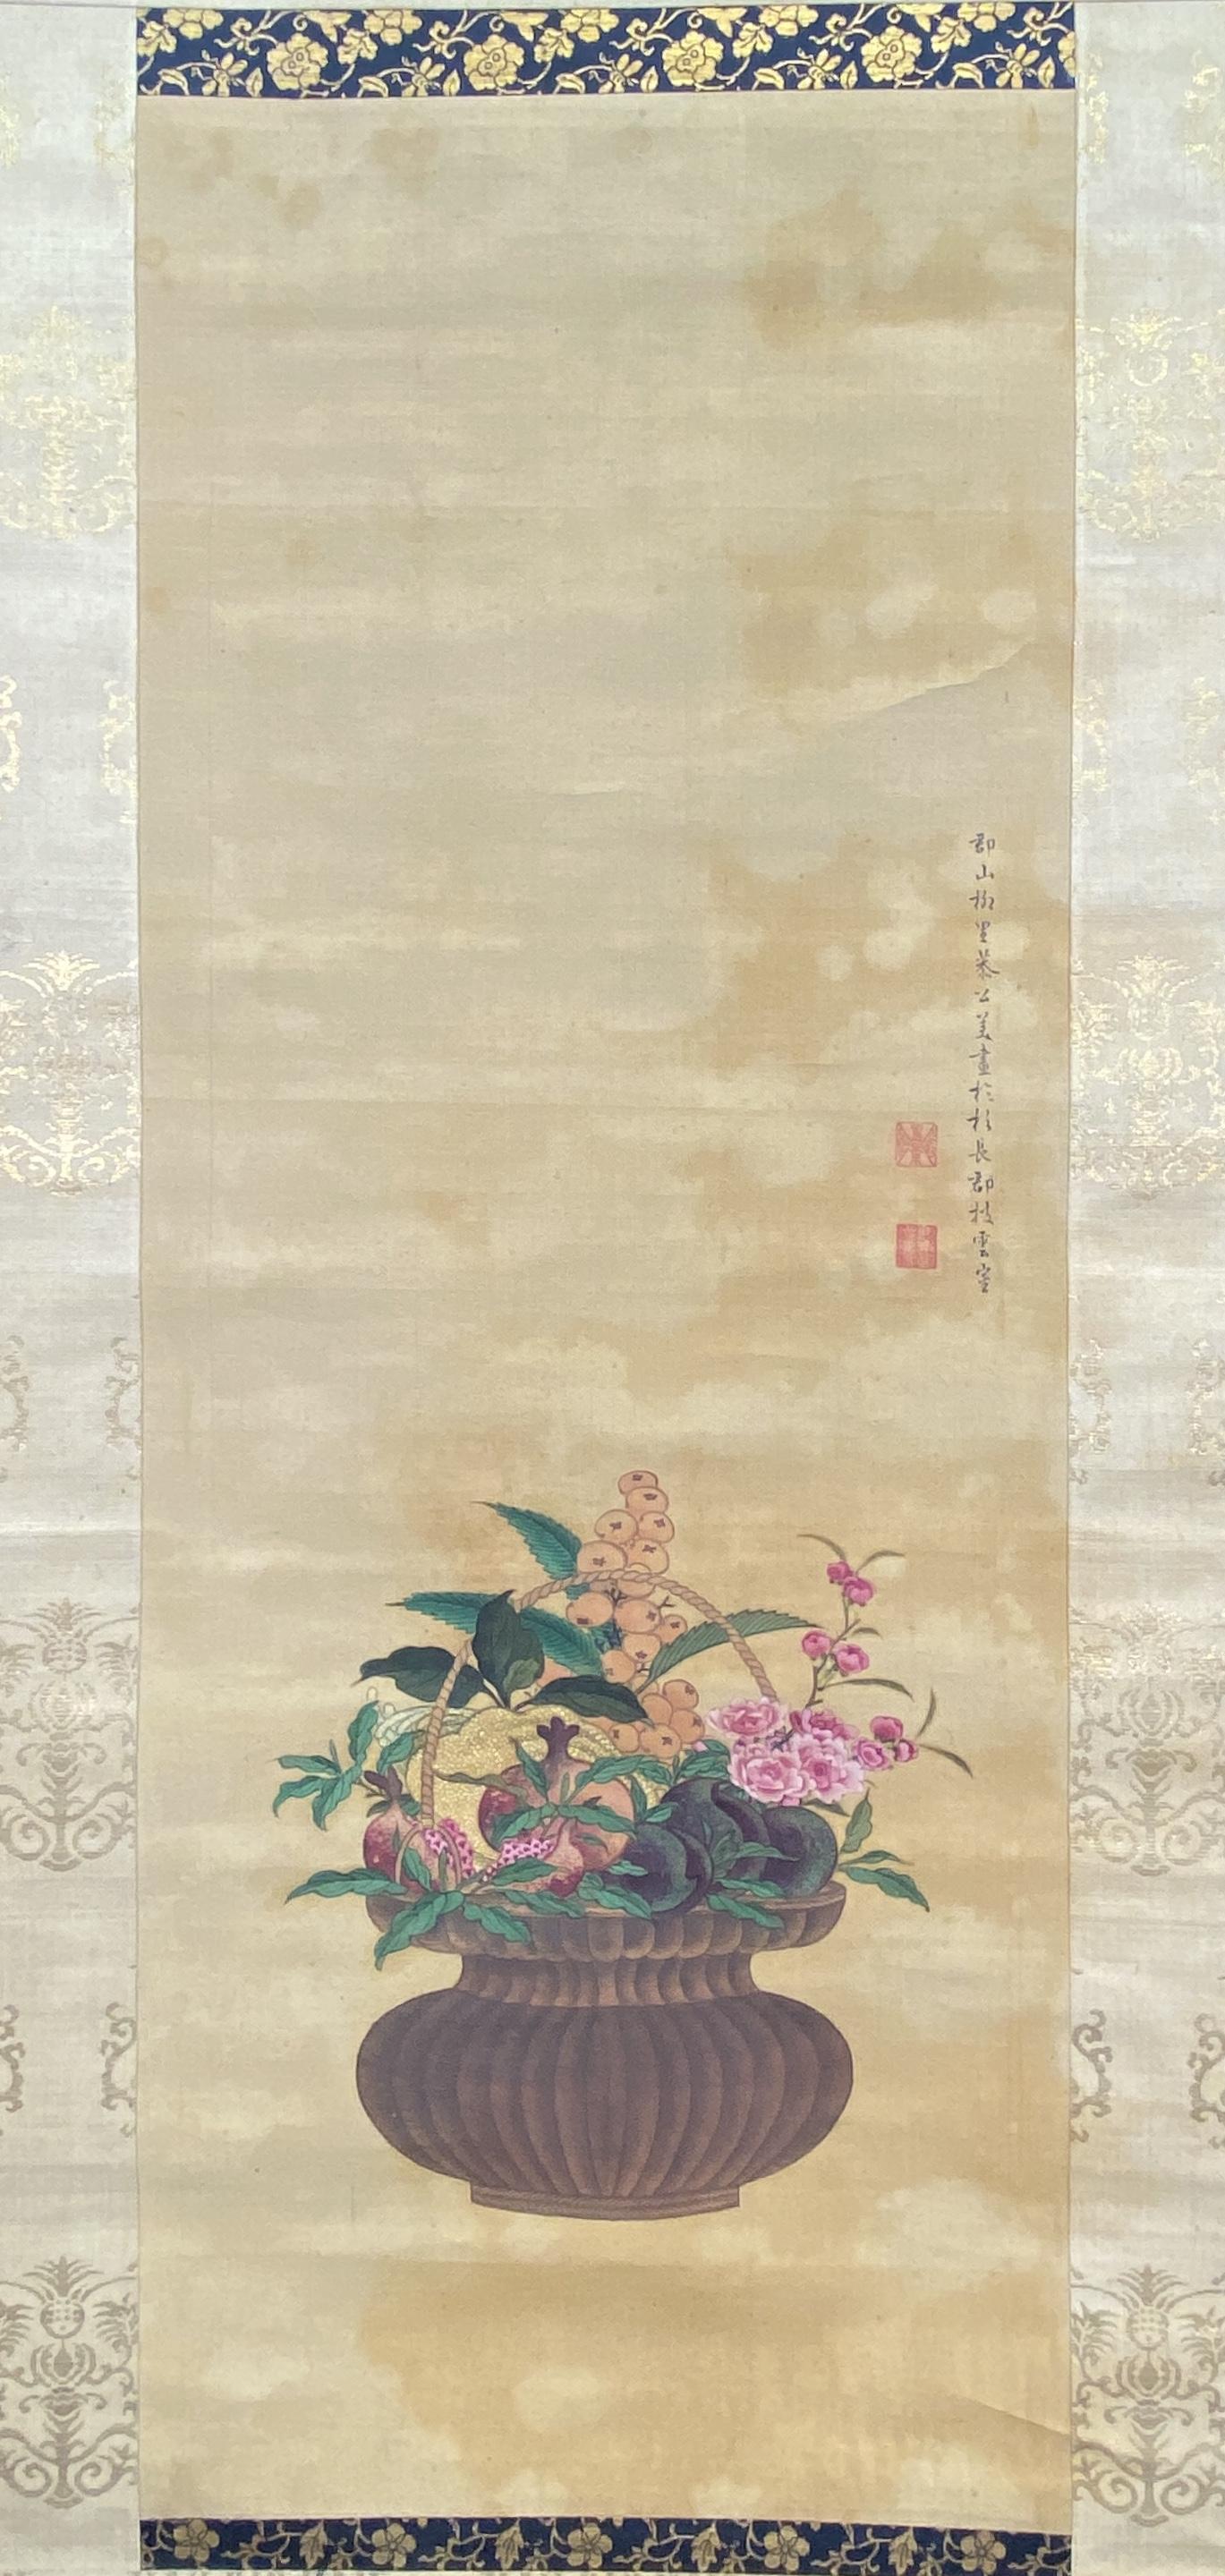 20555在銘 古画 花籠図 軸82×31.7cm